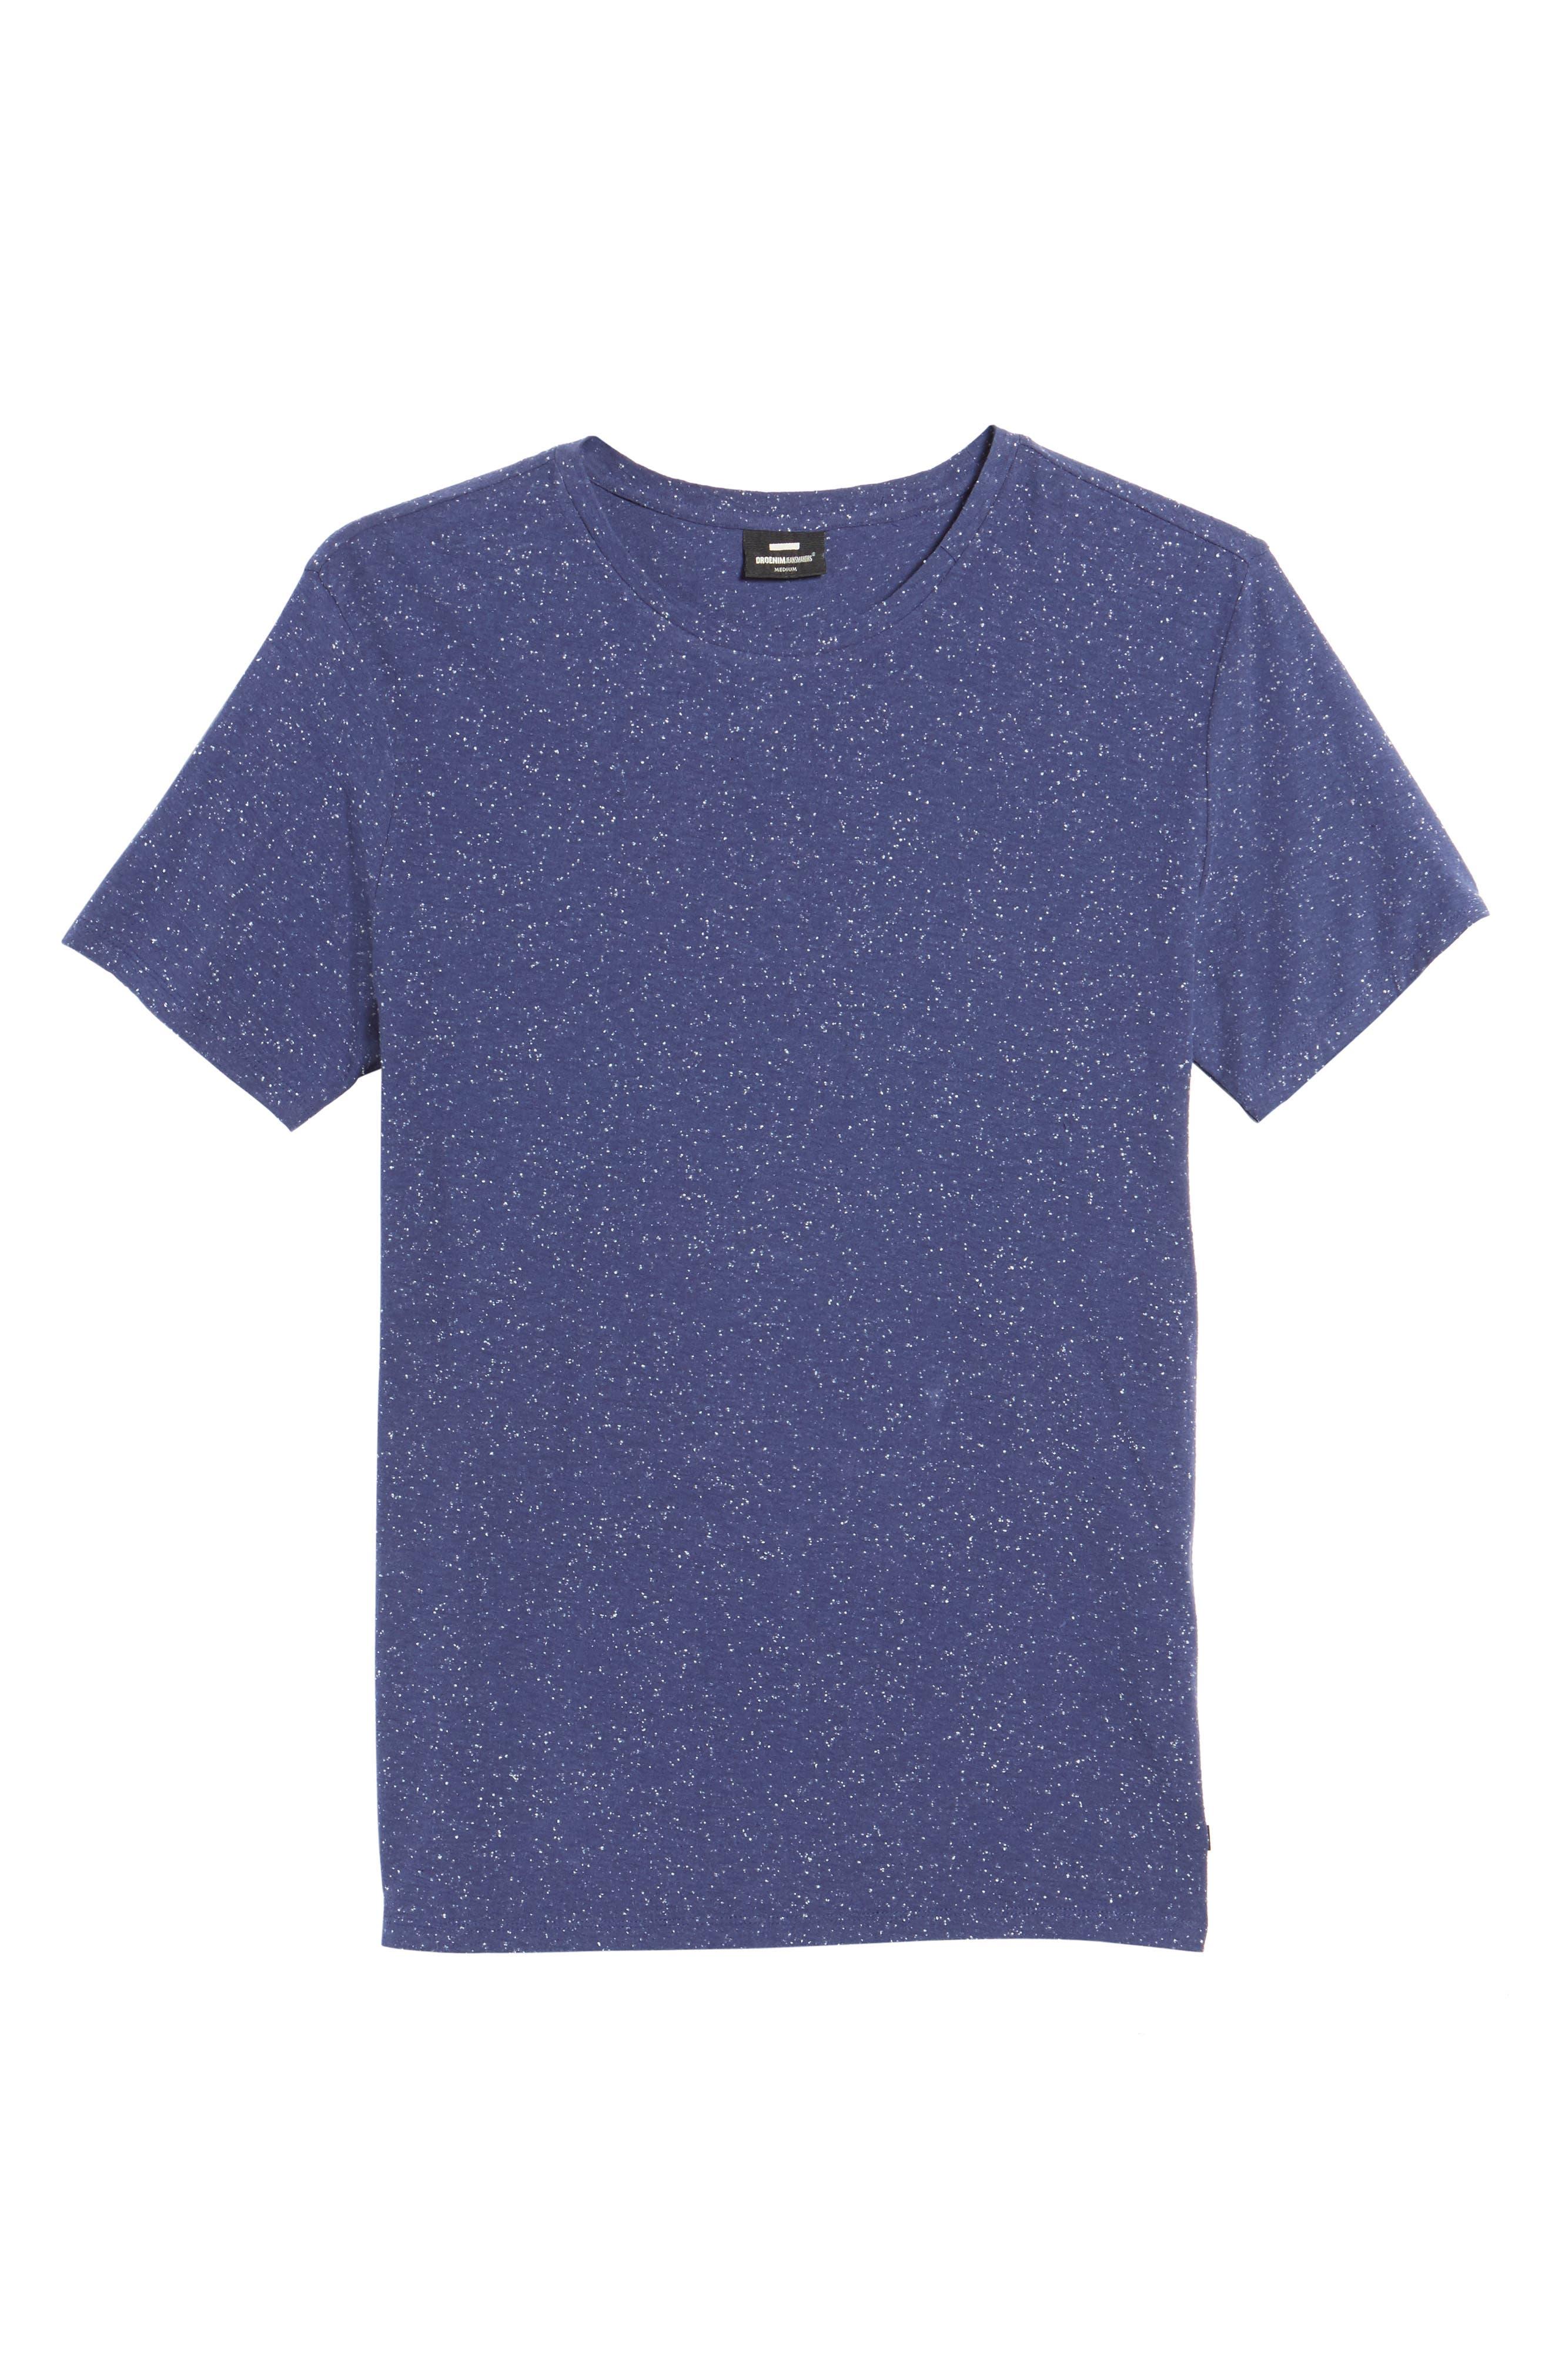 Patrick T-Shirt,                             Alternate thumbnail 18, color,